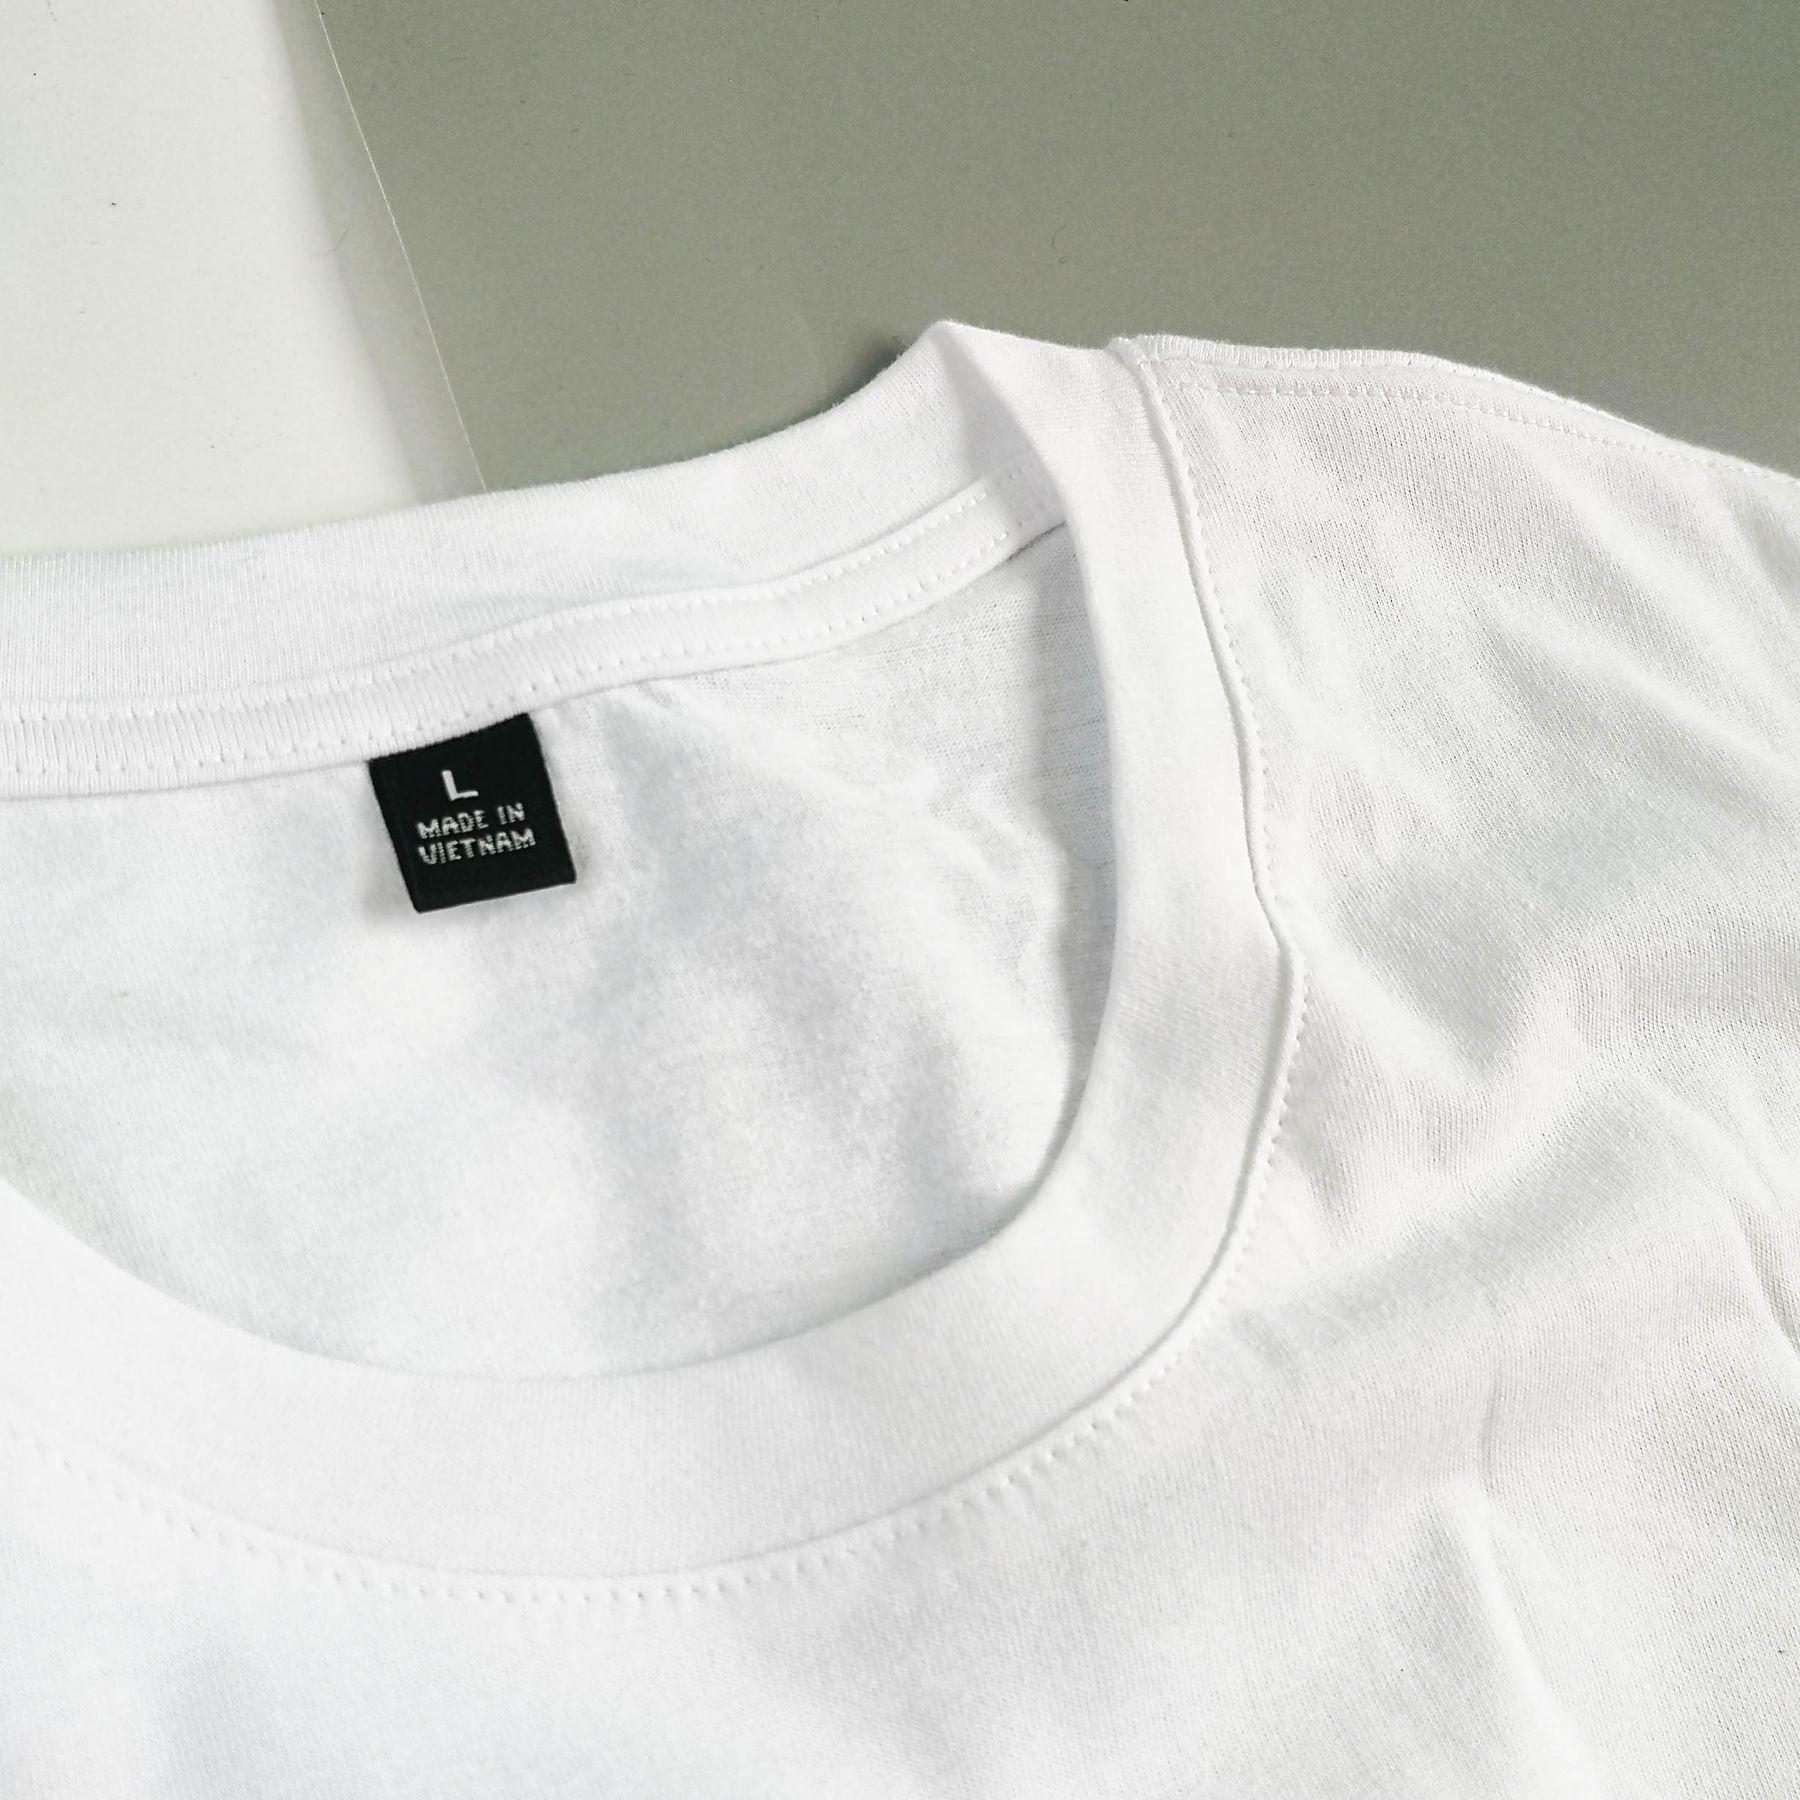 Step 1: Các vết bẩn dính trên vải cotton thường dễ tẩy sạch hơn so với các loại vải khác